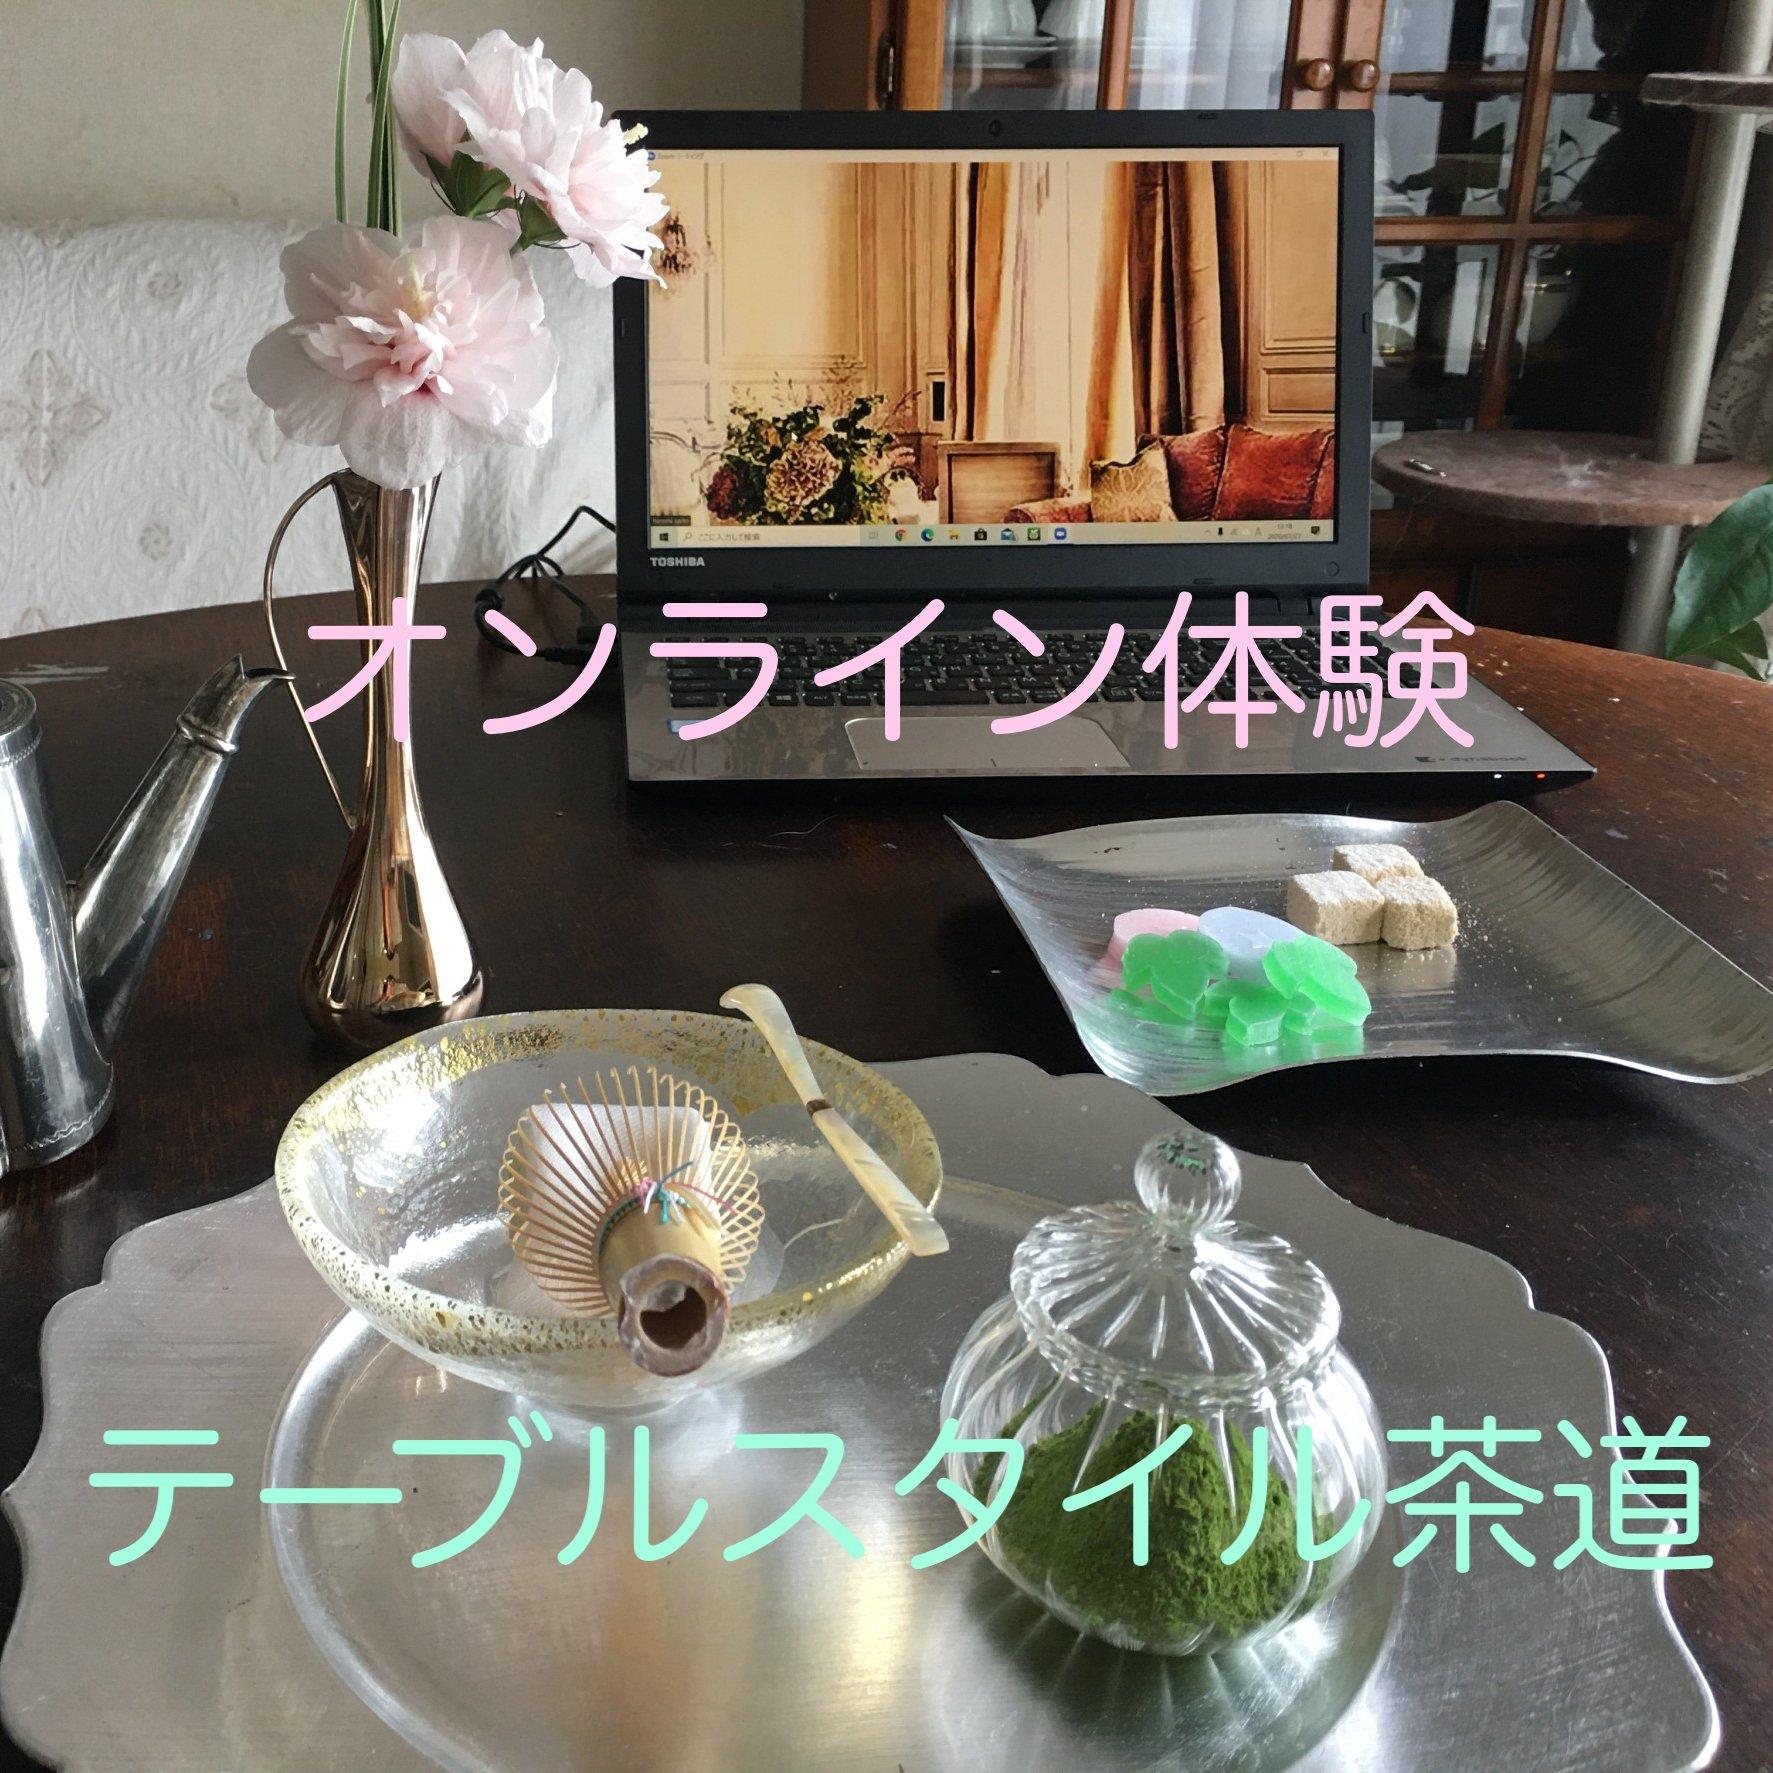 【体験レッスン初回限定】オンラインテーブルスタイル茶道のイメージその3